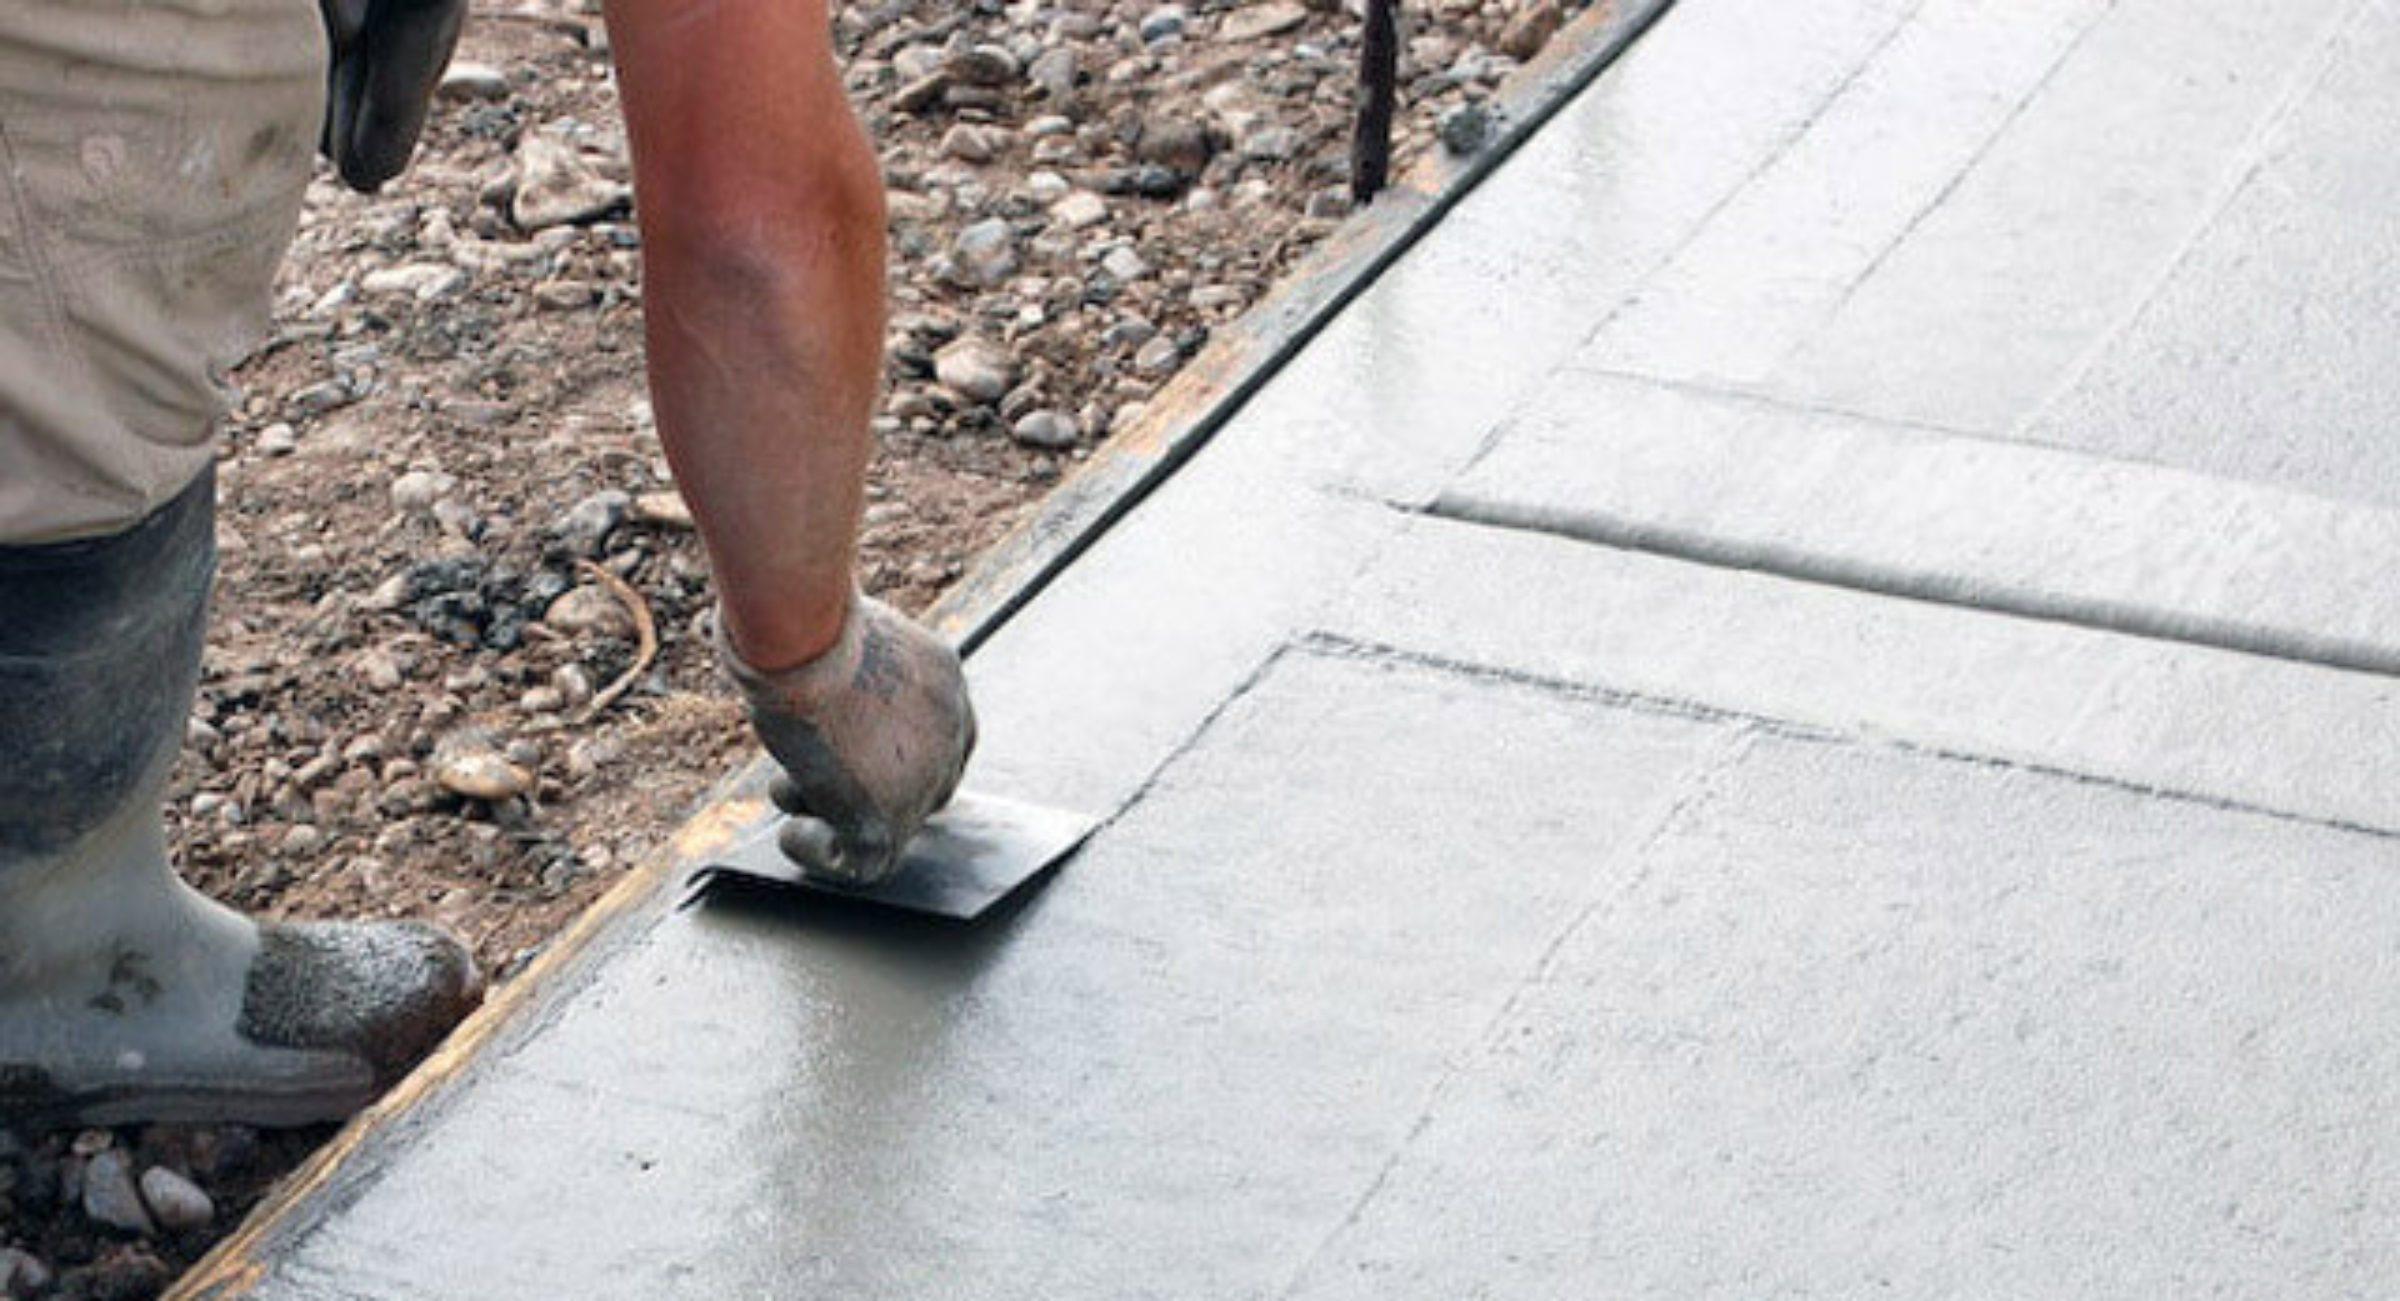 Американские исследователи повысили прочность бетона на 20% с помощью отходов ПЭТ